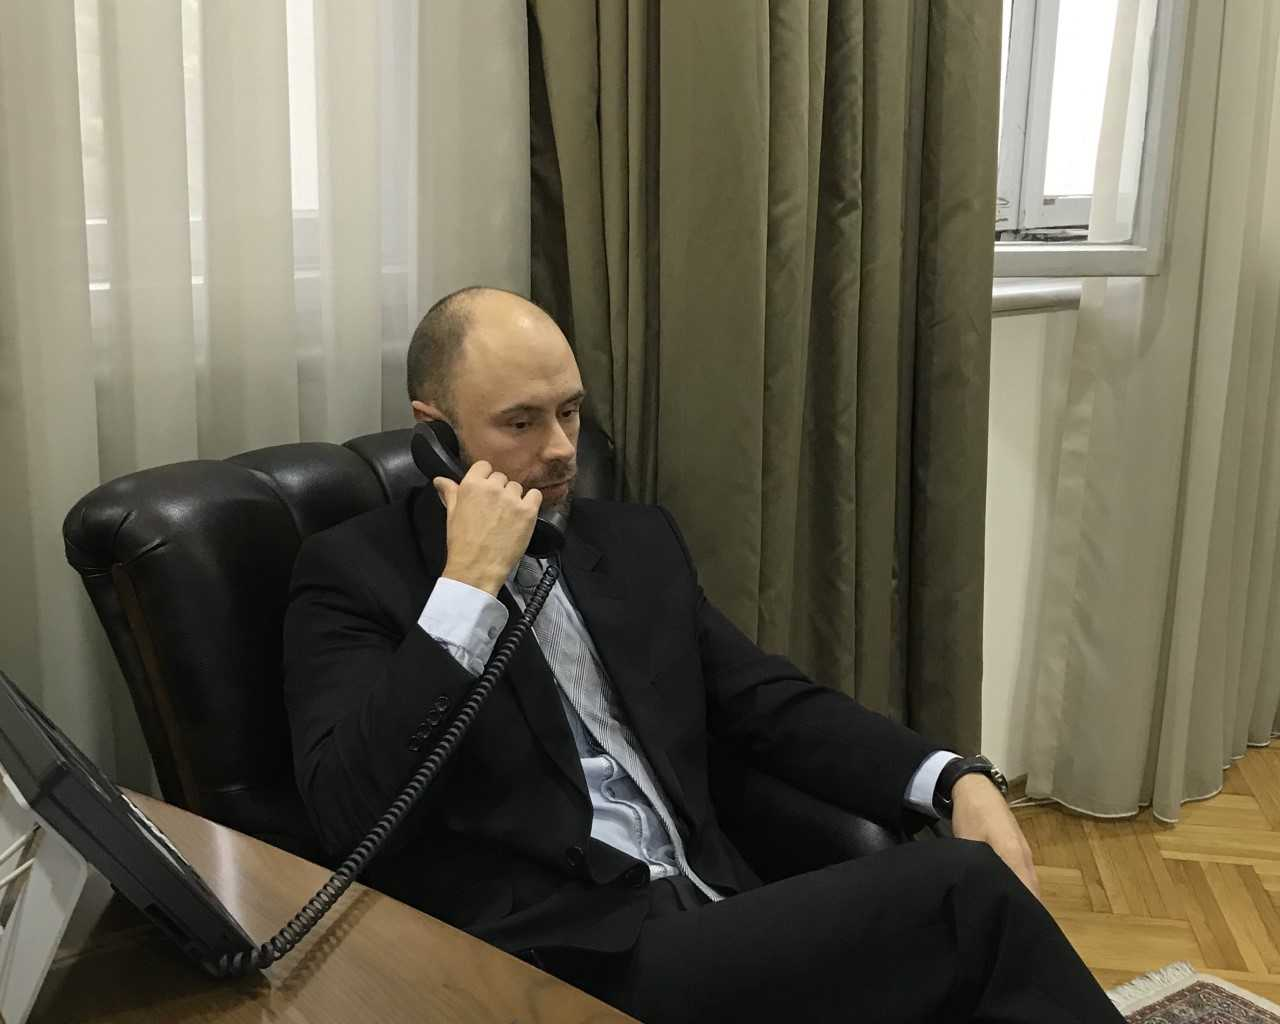 Ministar objašnjavao poteze nove vlasti: Ambasadore Kvinte interesovala ekspresna izmjena zakona